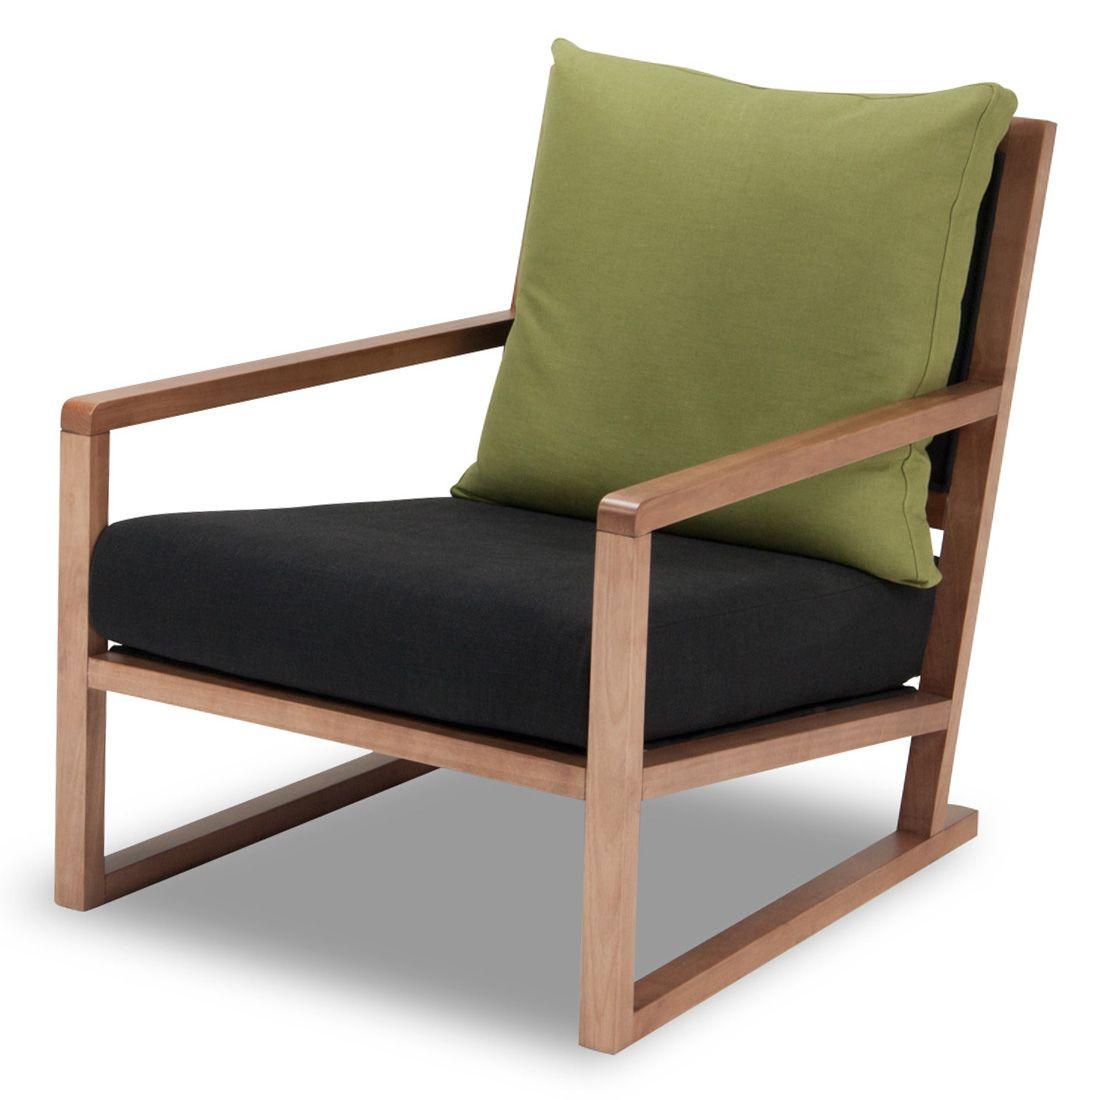 sessel woolwich webstoff for the home sessel beizen holz und m bel. Black Bedroom Furniture Sets. Home Design Ideas